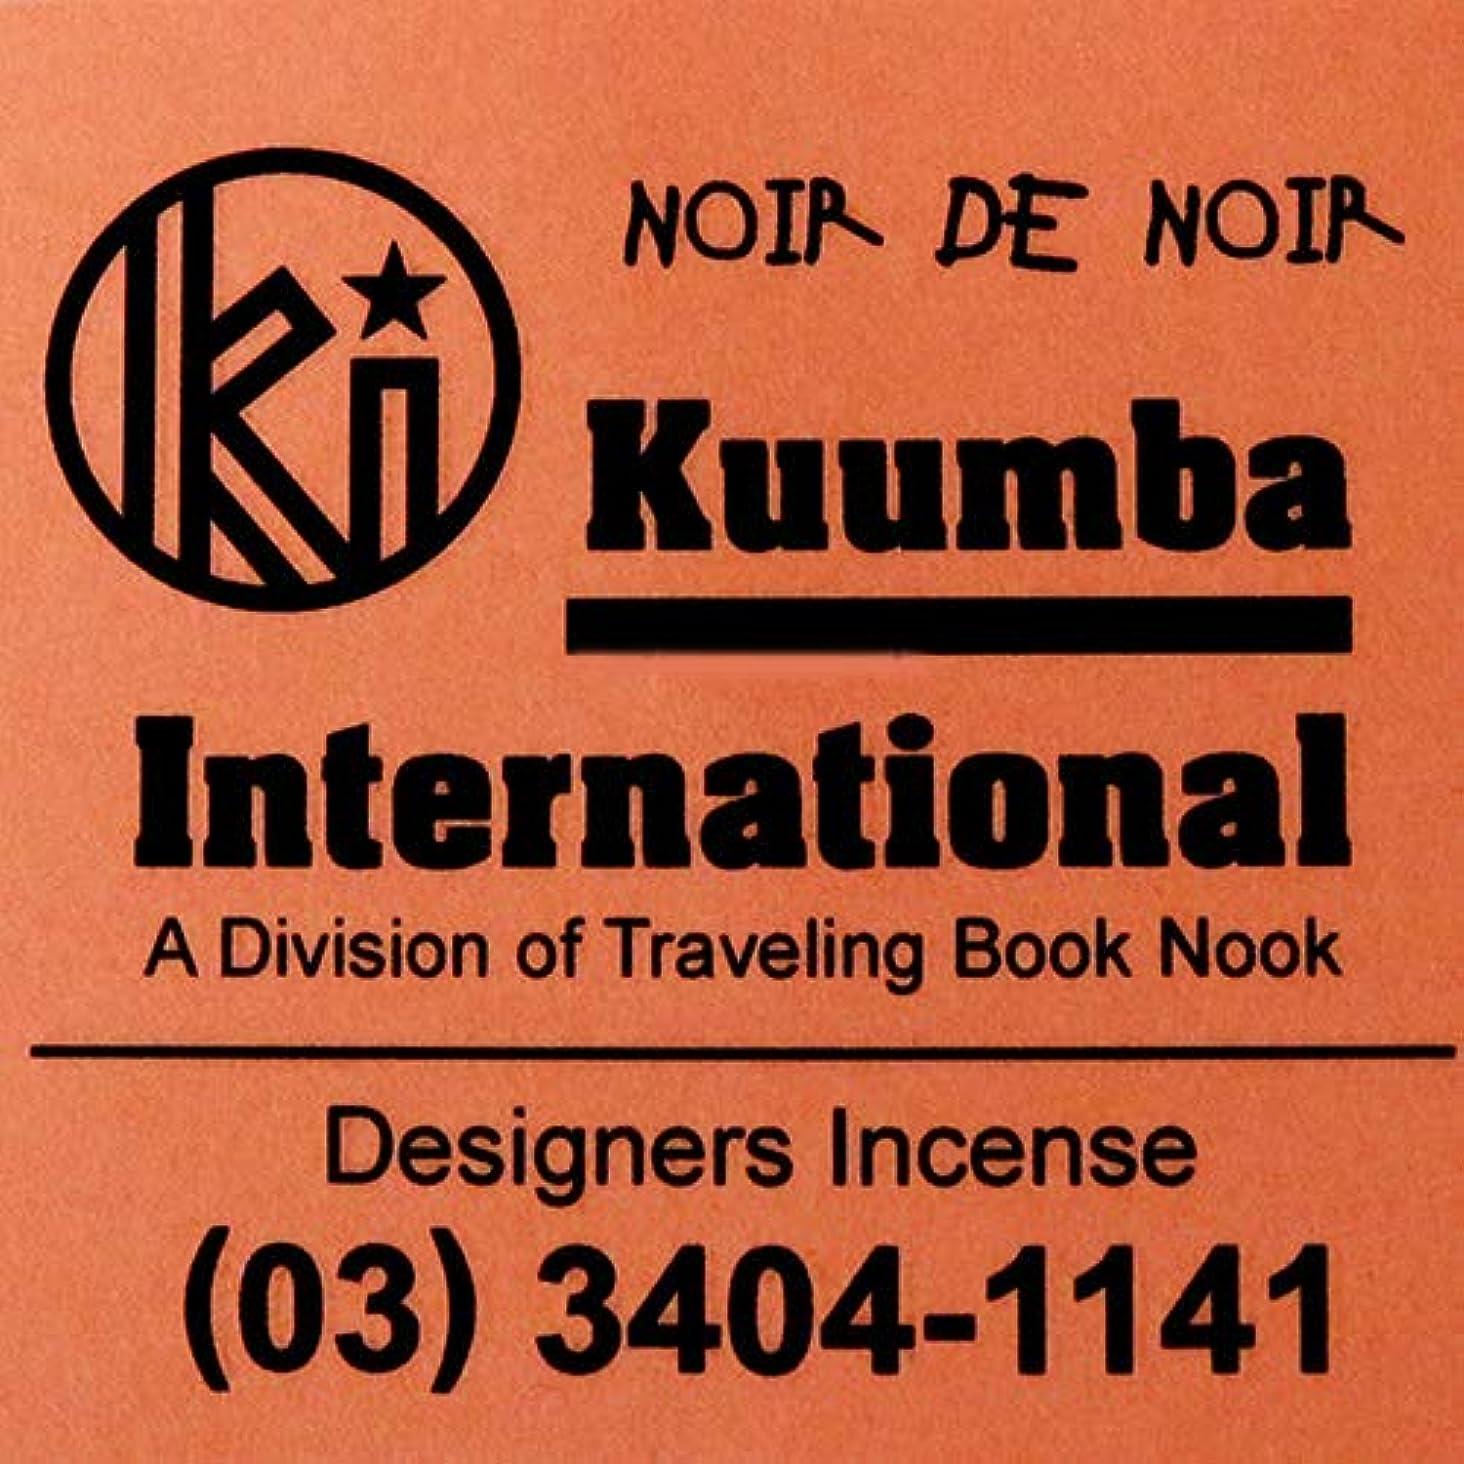 海軍顎ジャンクション(クンバ) KUUMBA『incense』(NOIR DE NOIR) (NOIR DE NOIR, Regular size)